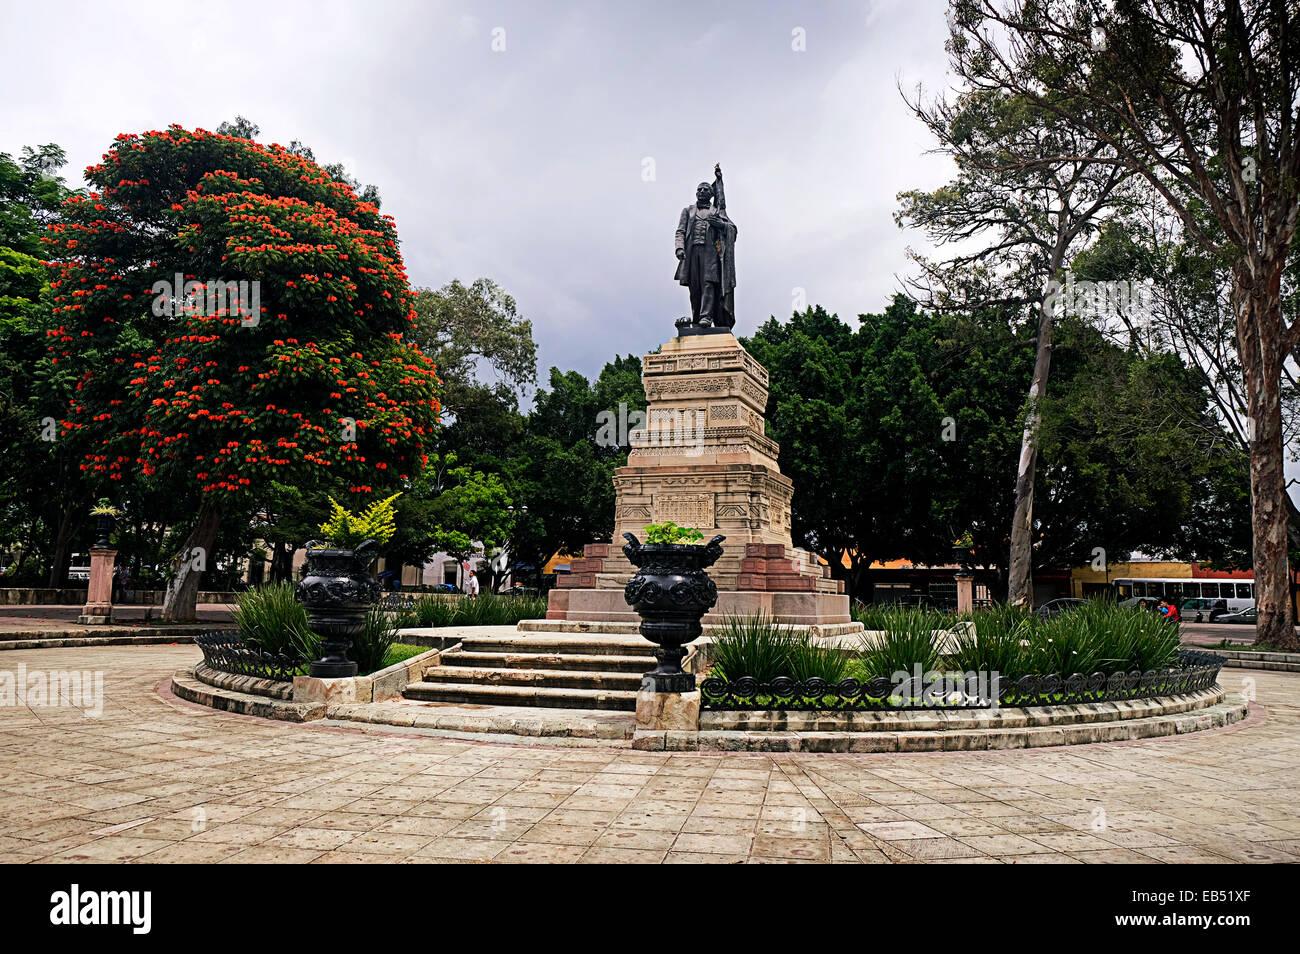 El Llano Park Oaxaca City Mexico - Stock Image